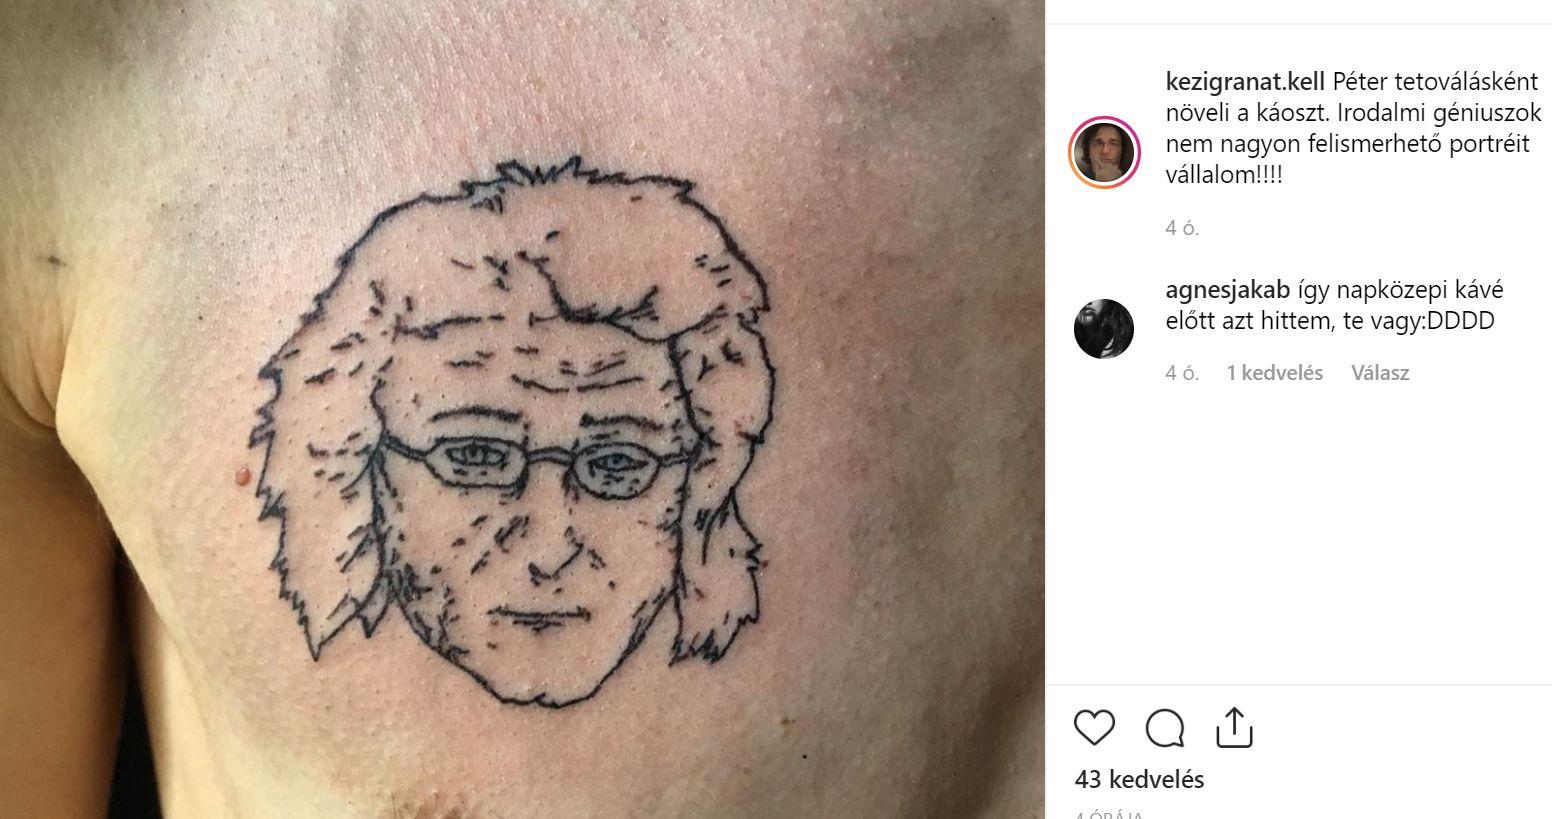 Egy férfi a mellére tetováltatta Esterházy Péter fejét